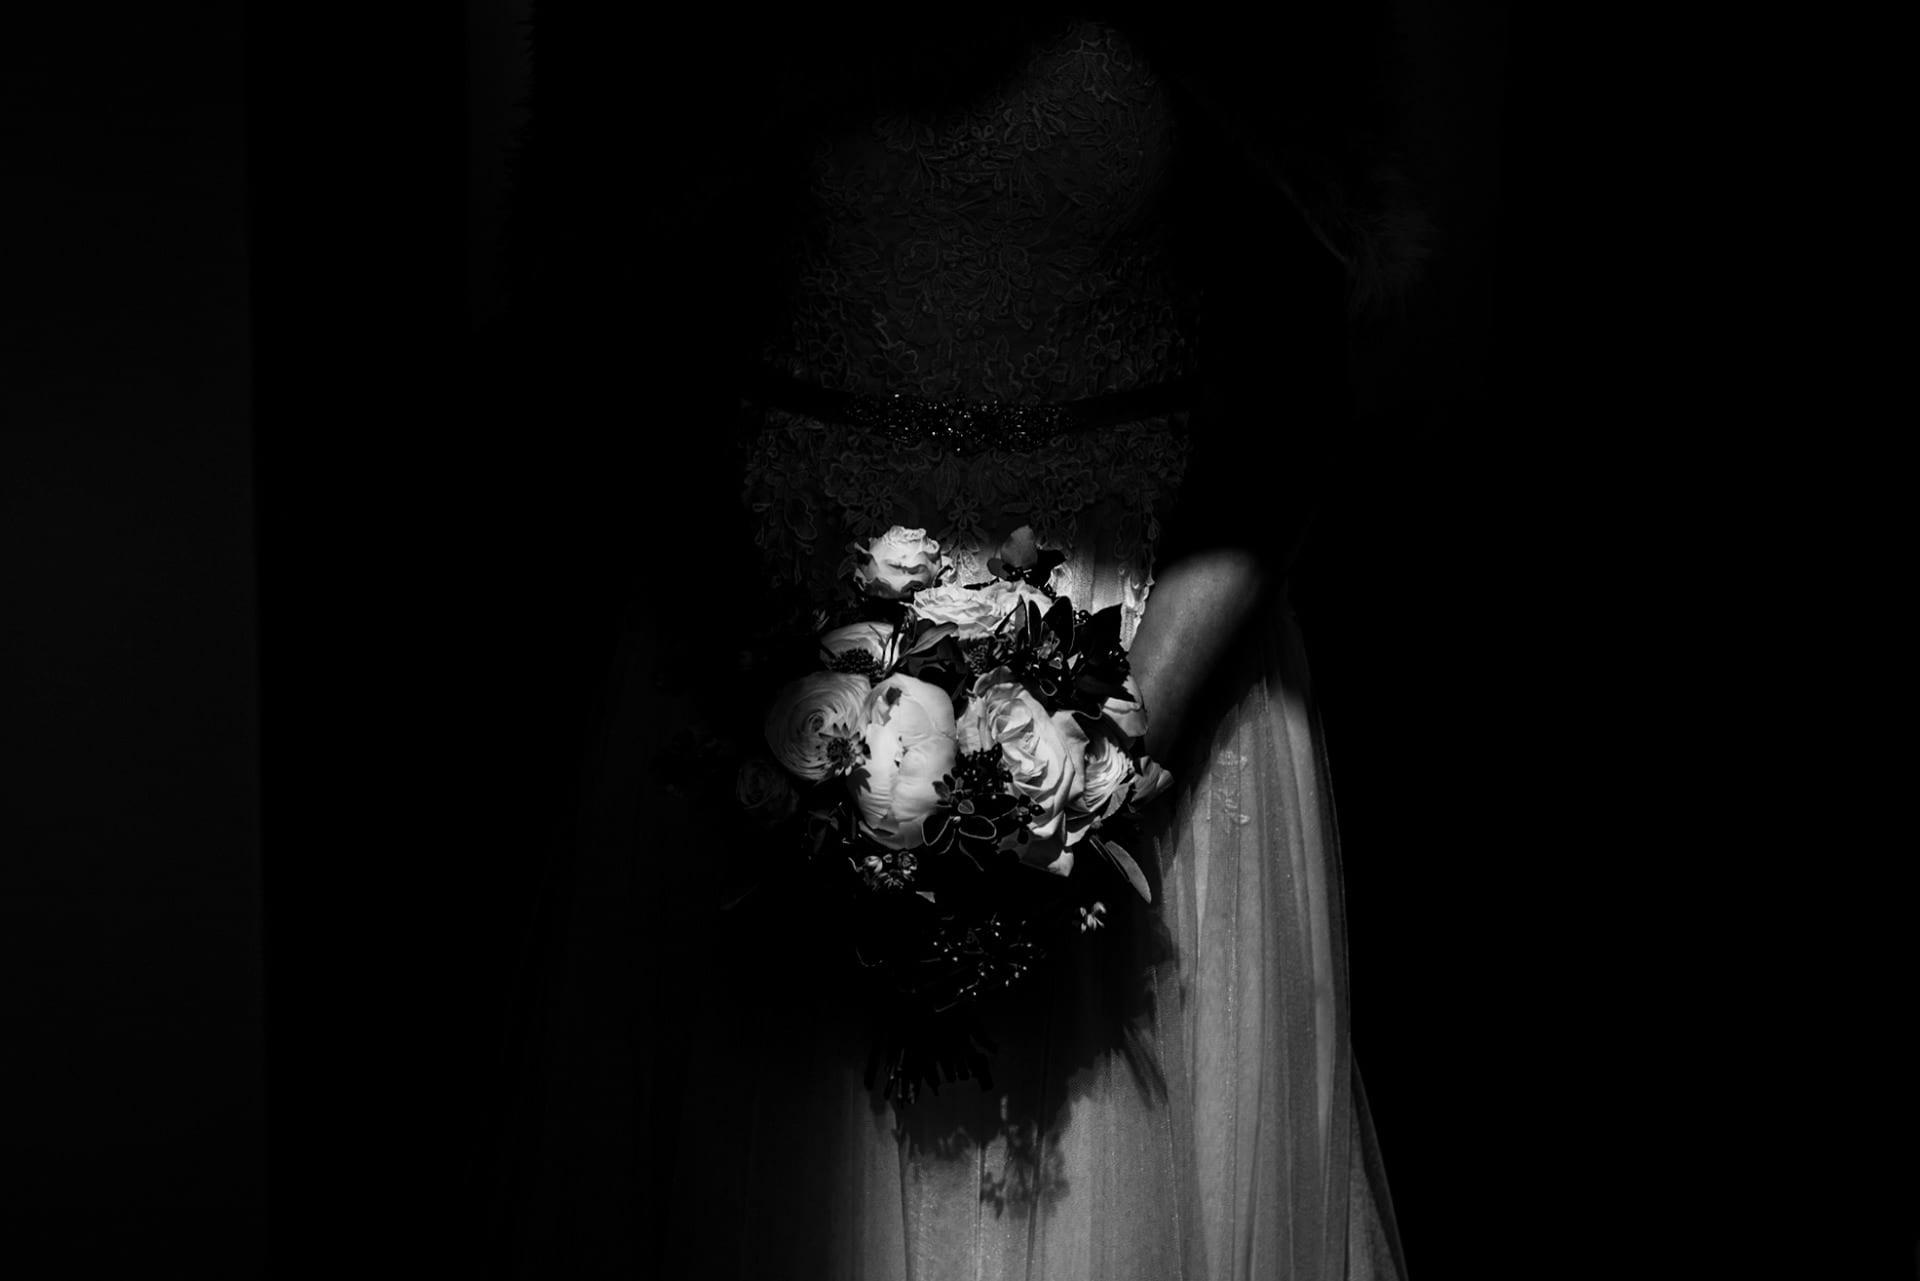 Light on a wedding bouquet